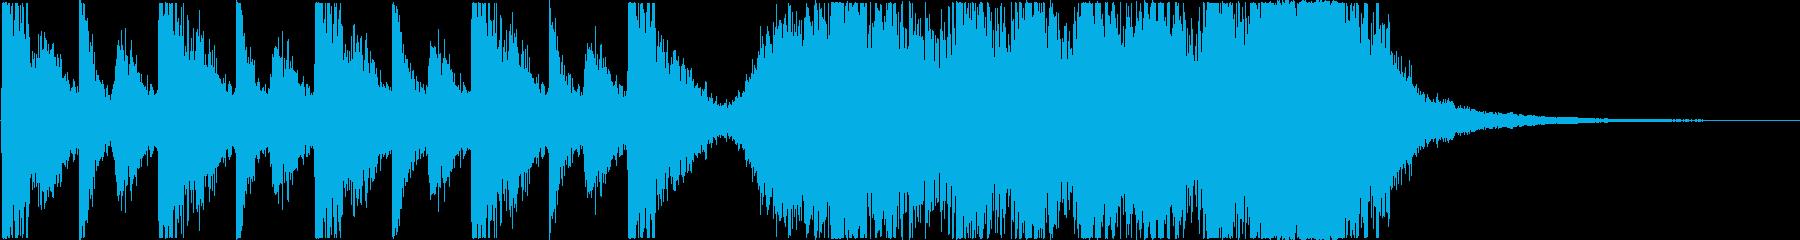 予告編/トレーラー*打つ音→打楽器*の再生済みの波形